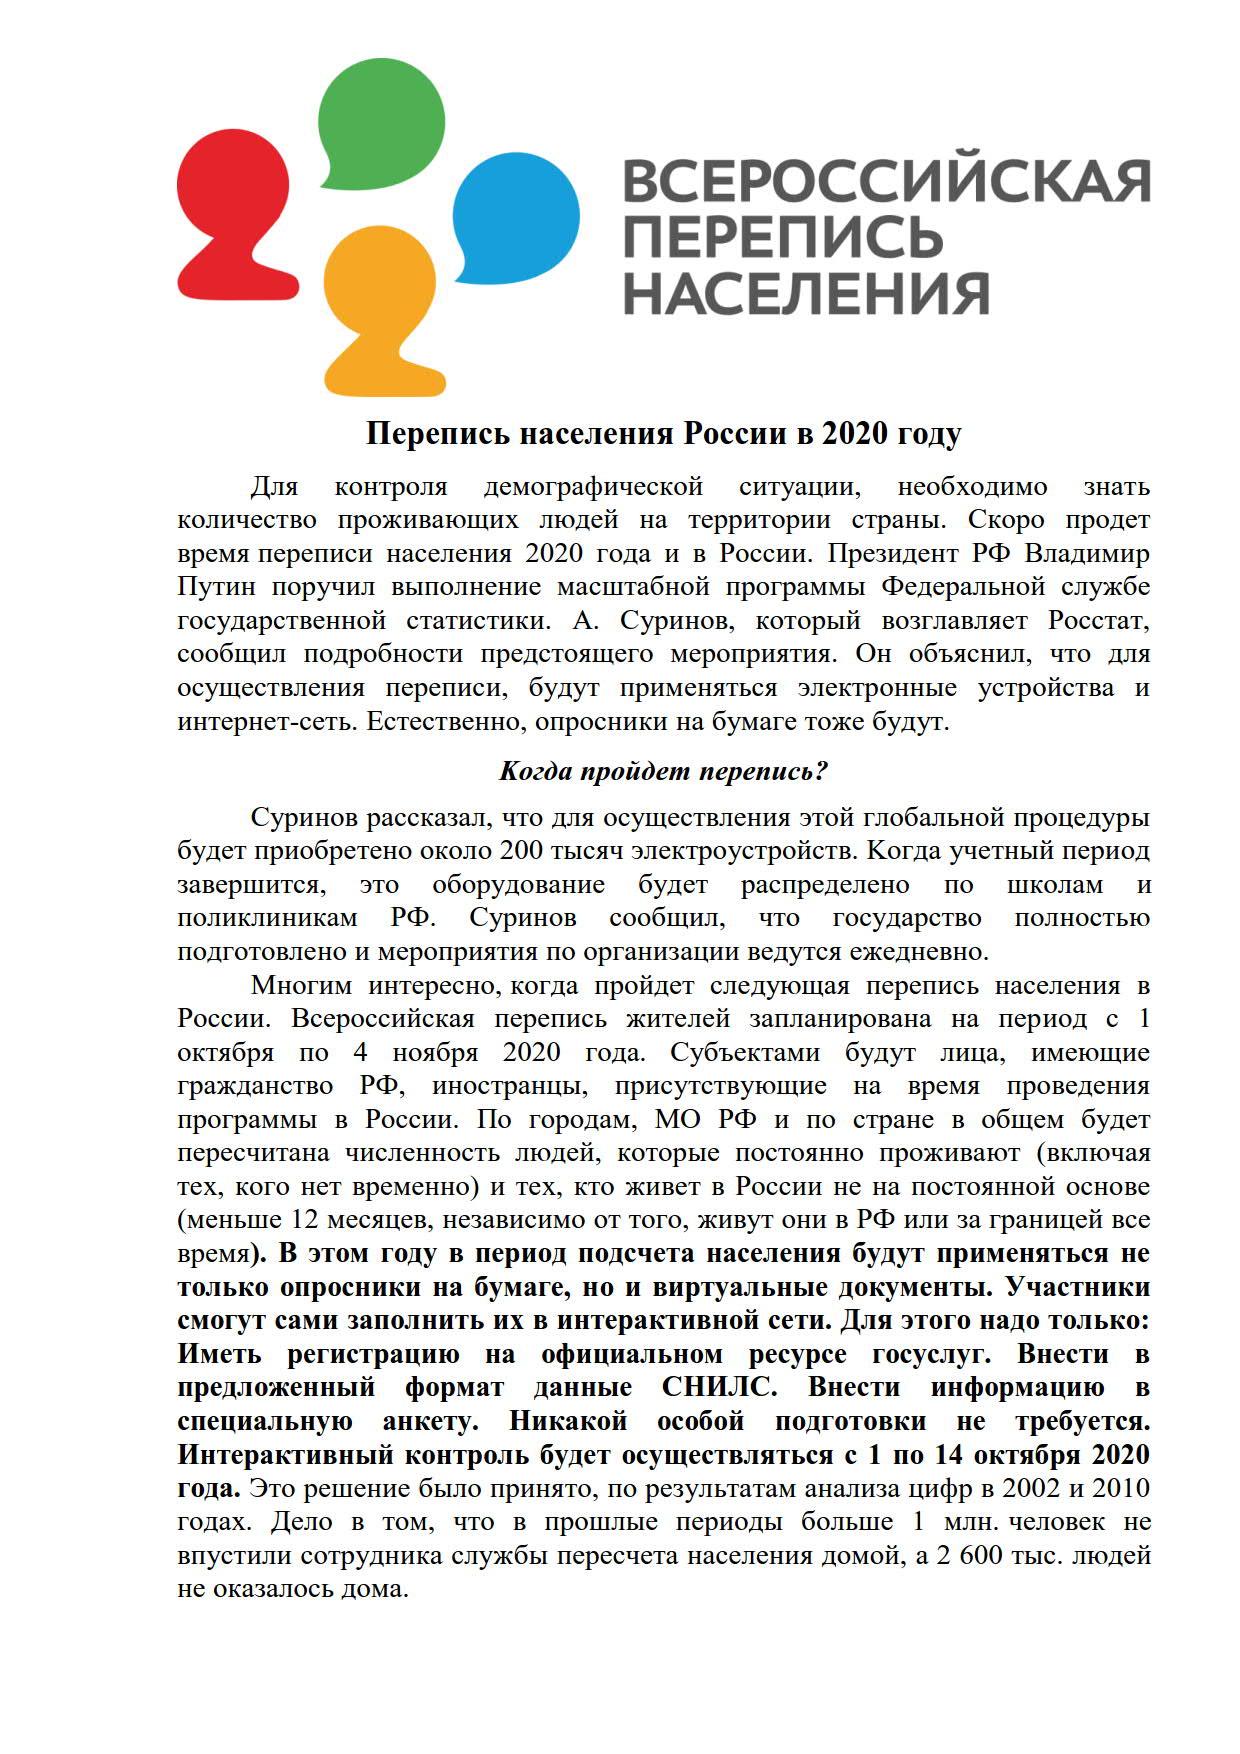 Всероссийская перепись населения_1